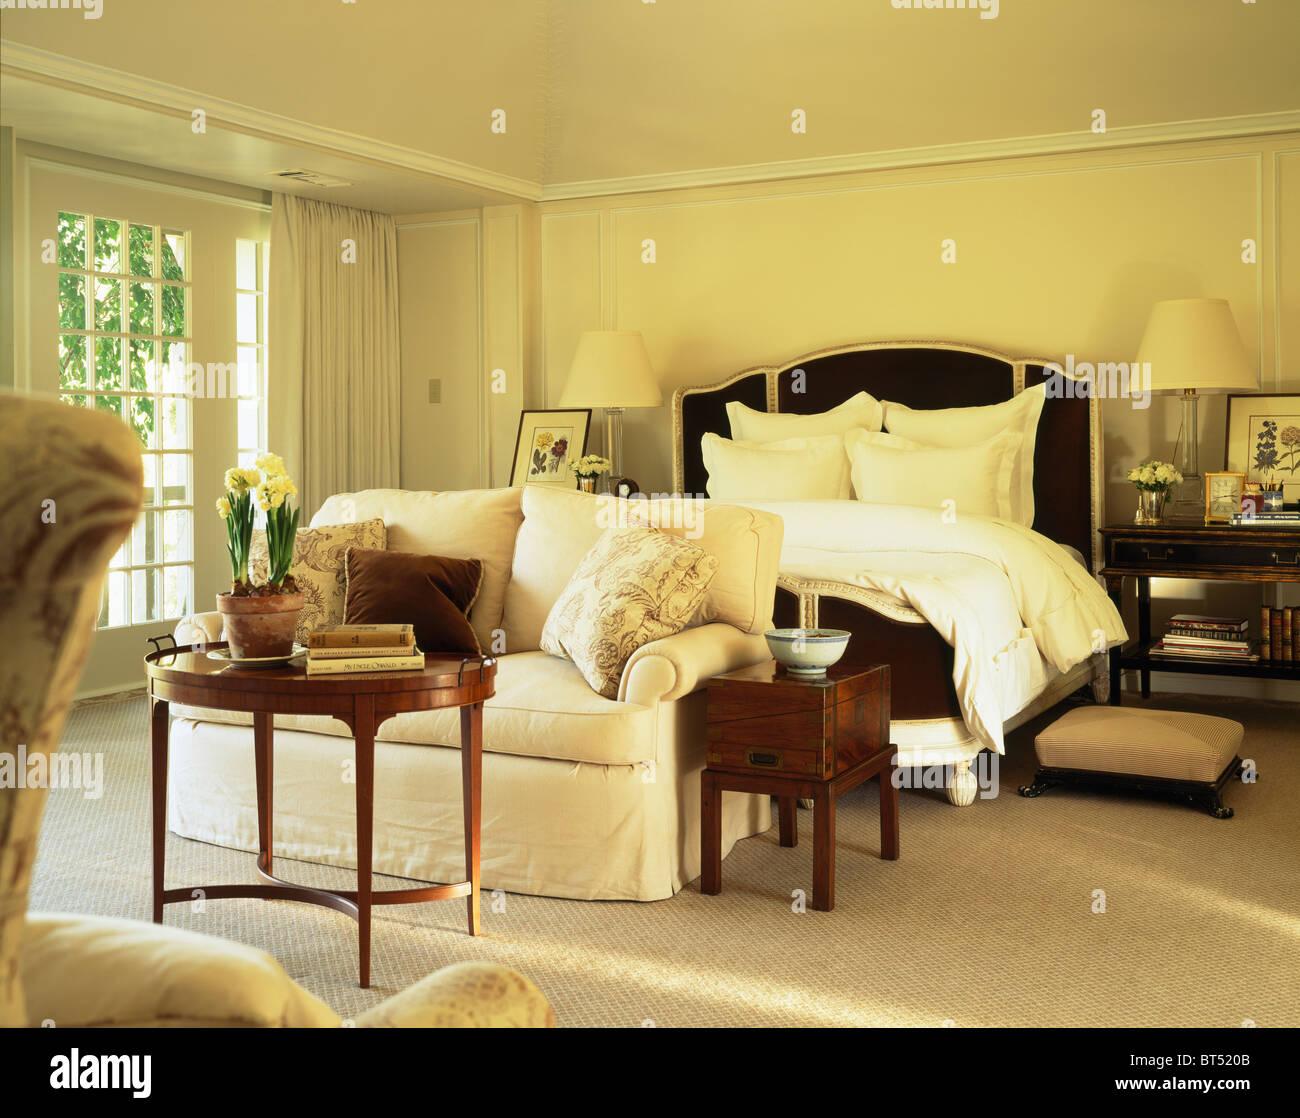 Hochwertig Bequemes Weißes Sofa Und Antike Möbel Im Traditionellen Creme Landhaus  Schlafzimmer Mit Weißen Kissen Und Bettwäsche Bett